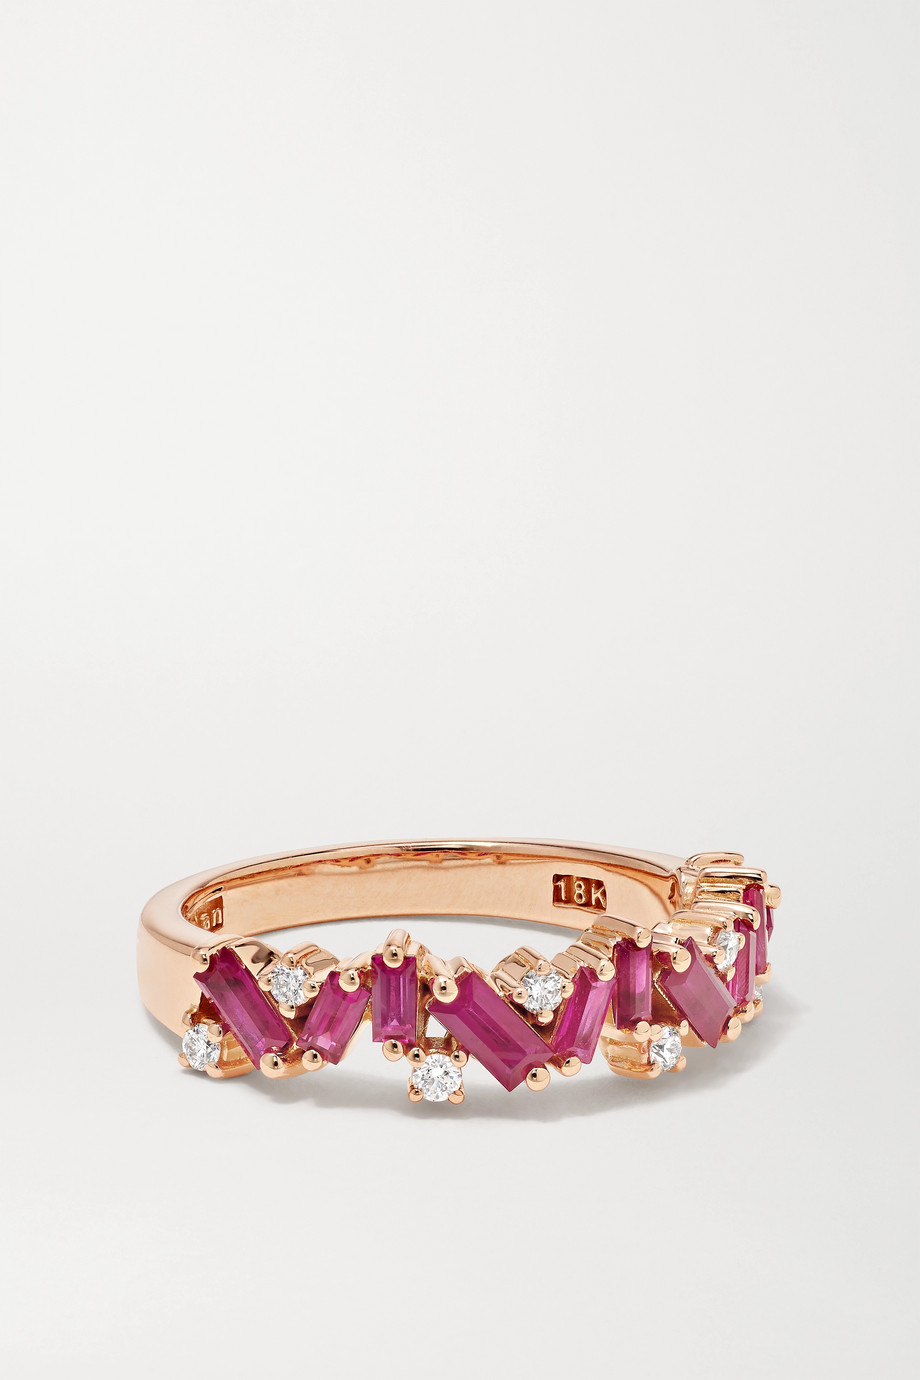 Suzanne Kalan 18-karat rose gold, ruby and diamond ring